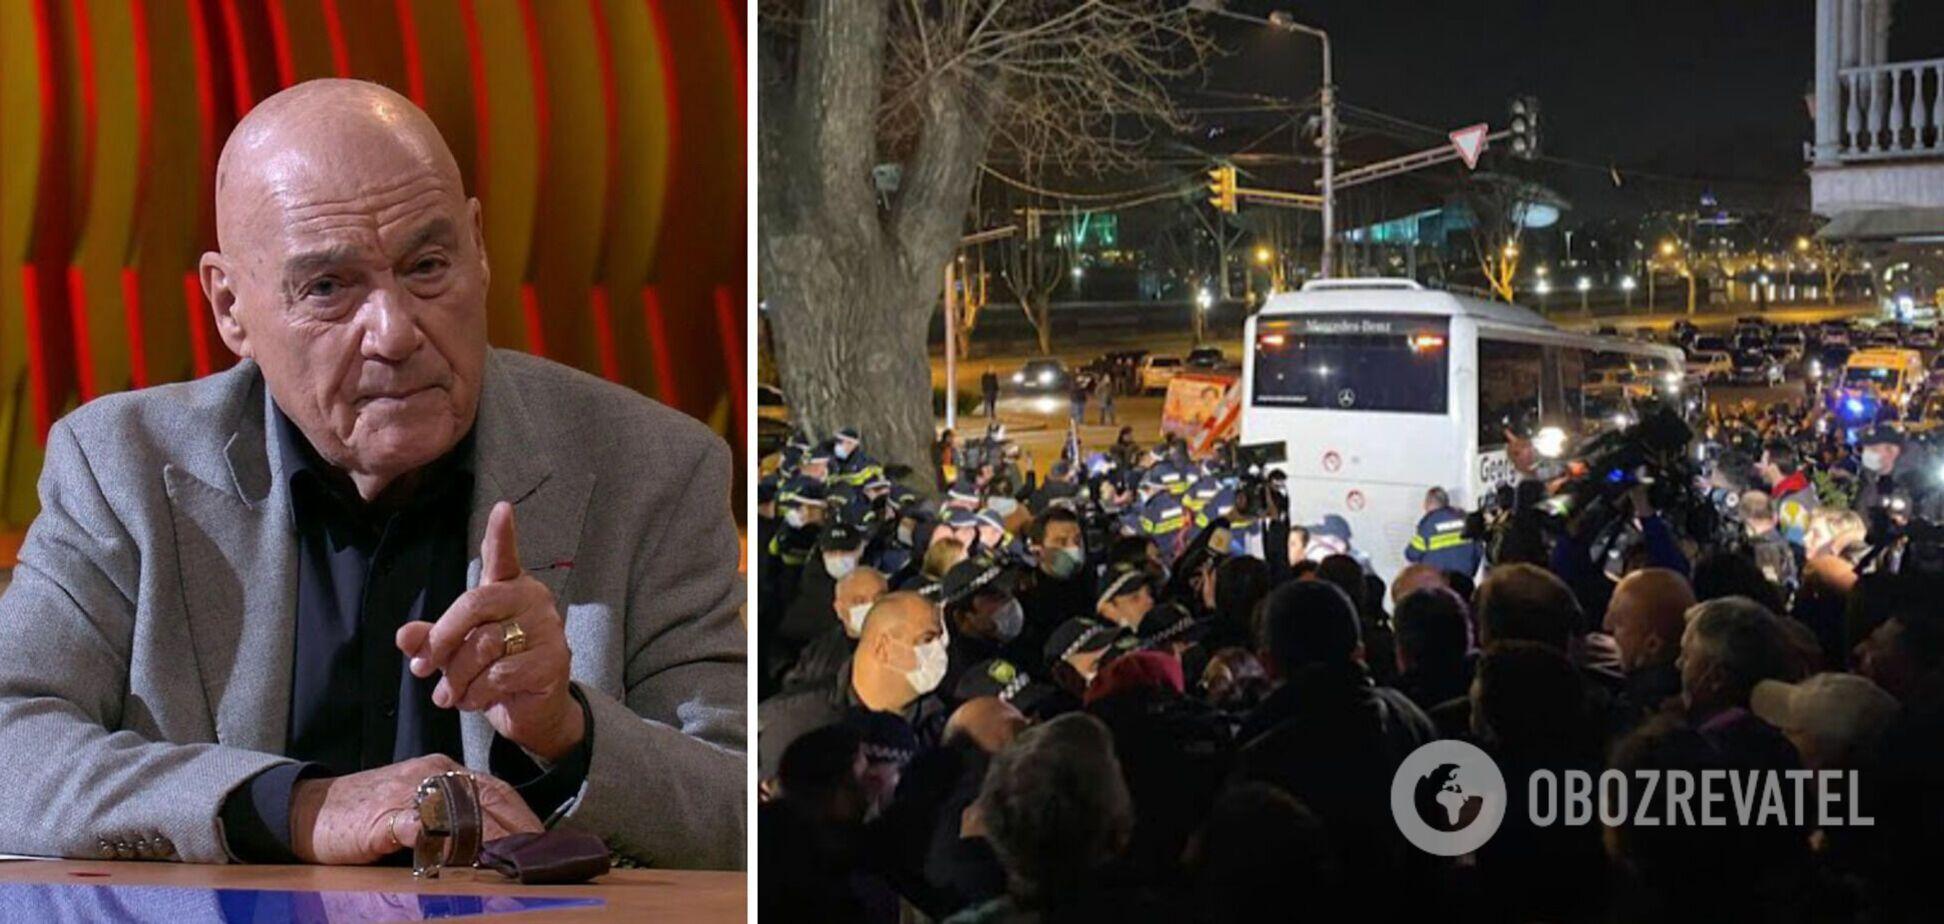 Познер потрапив у скандал і викликав протести